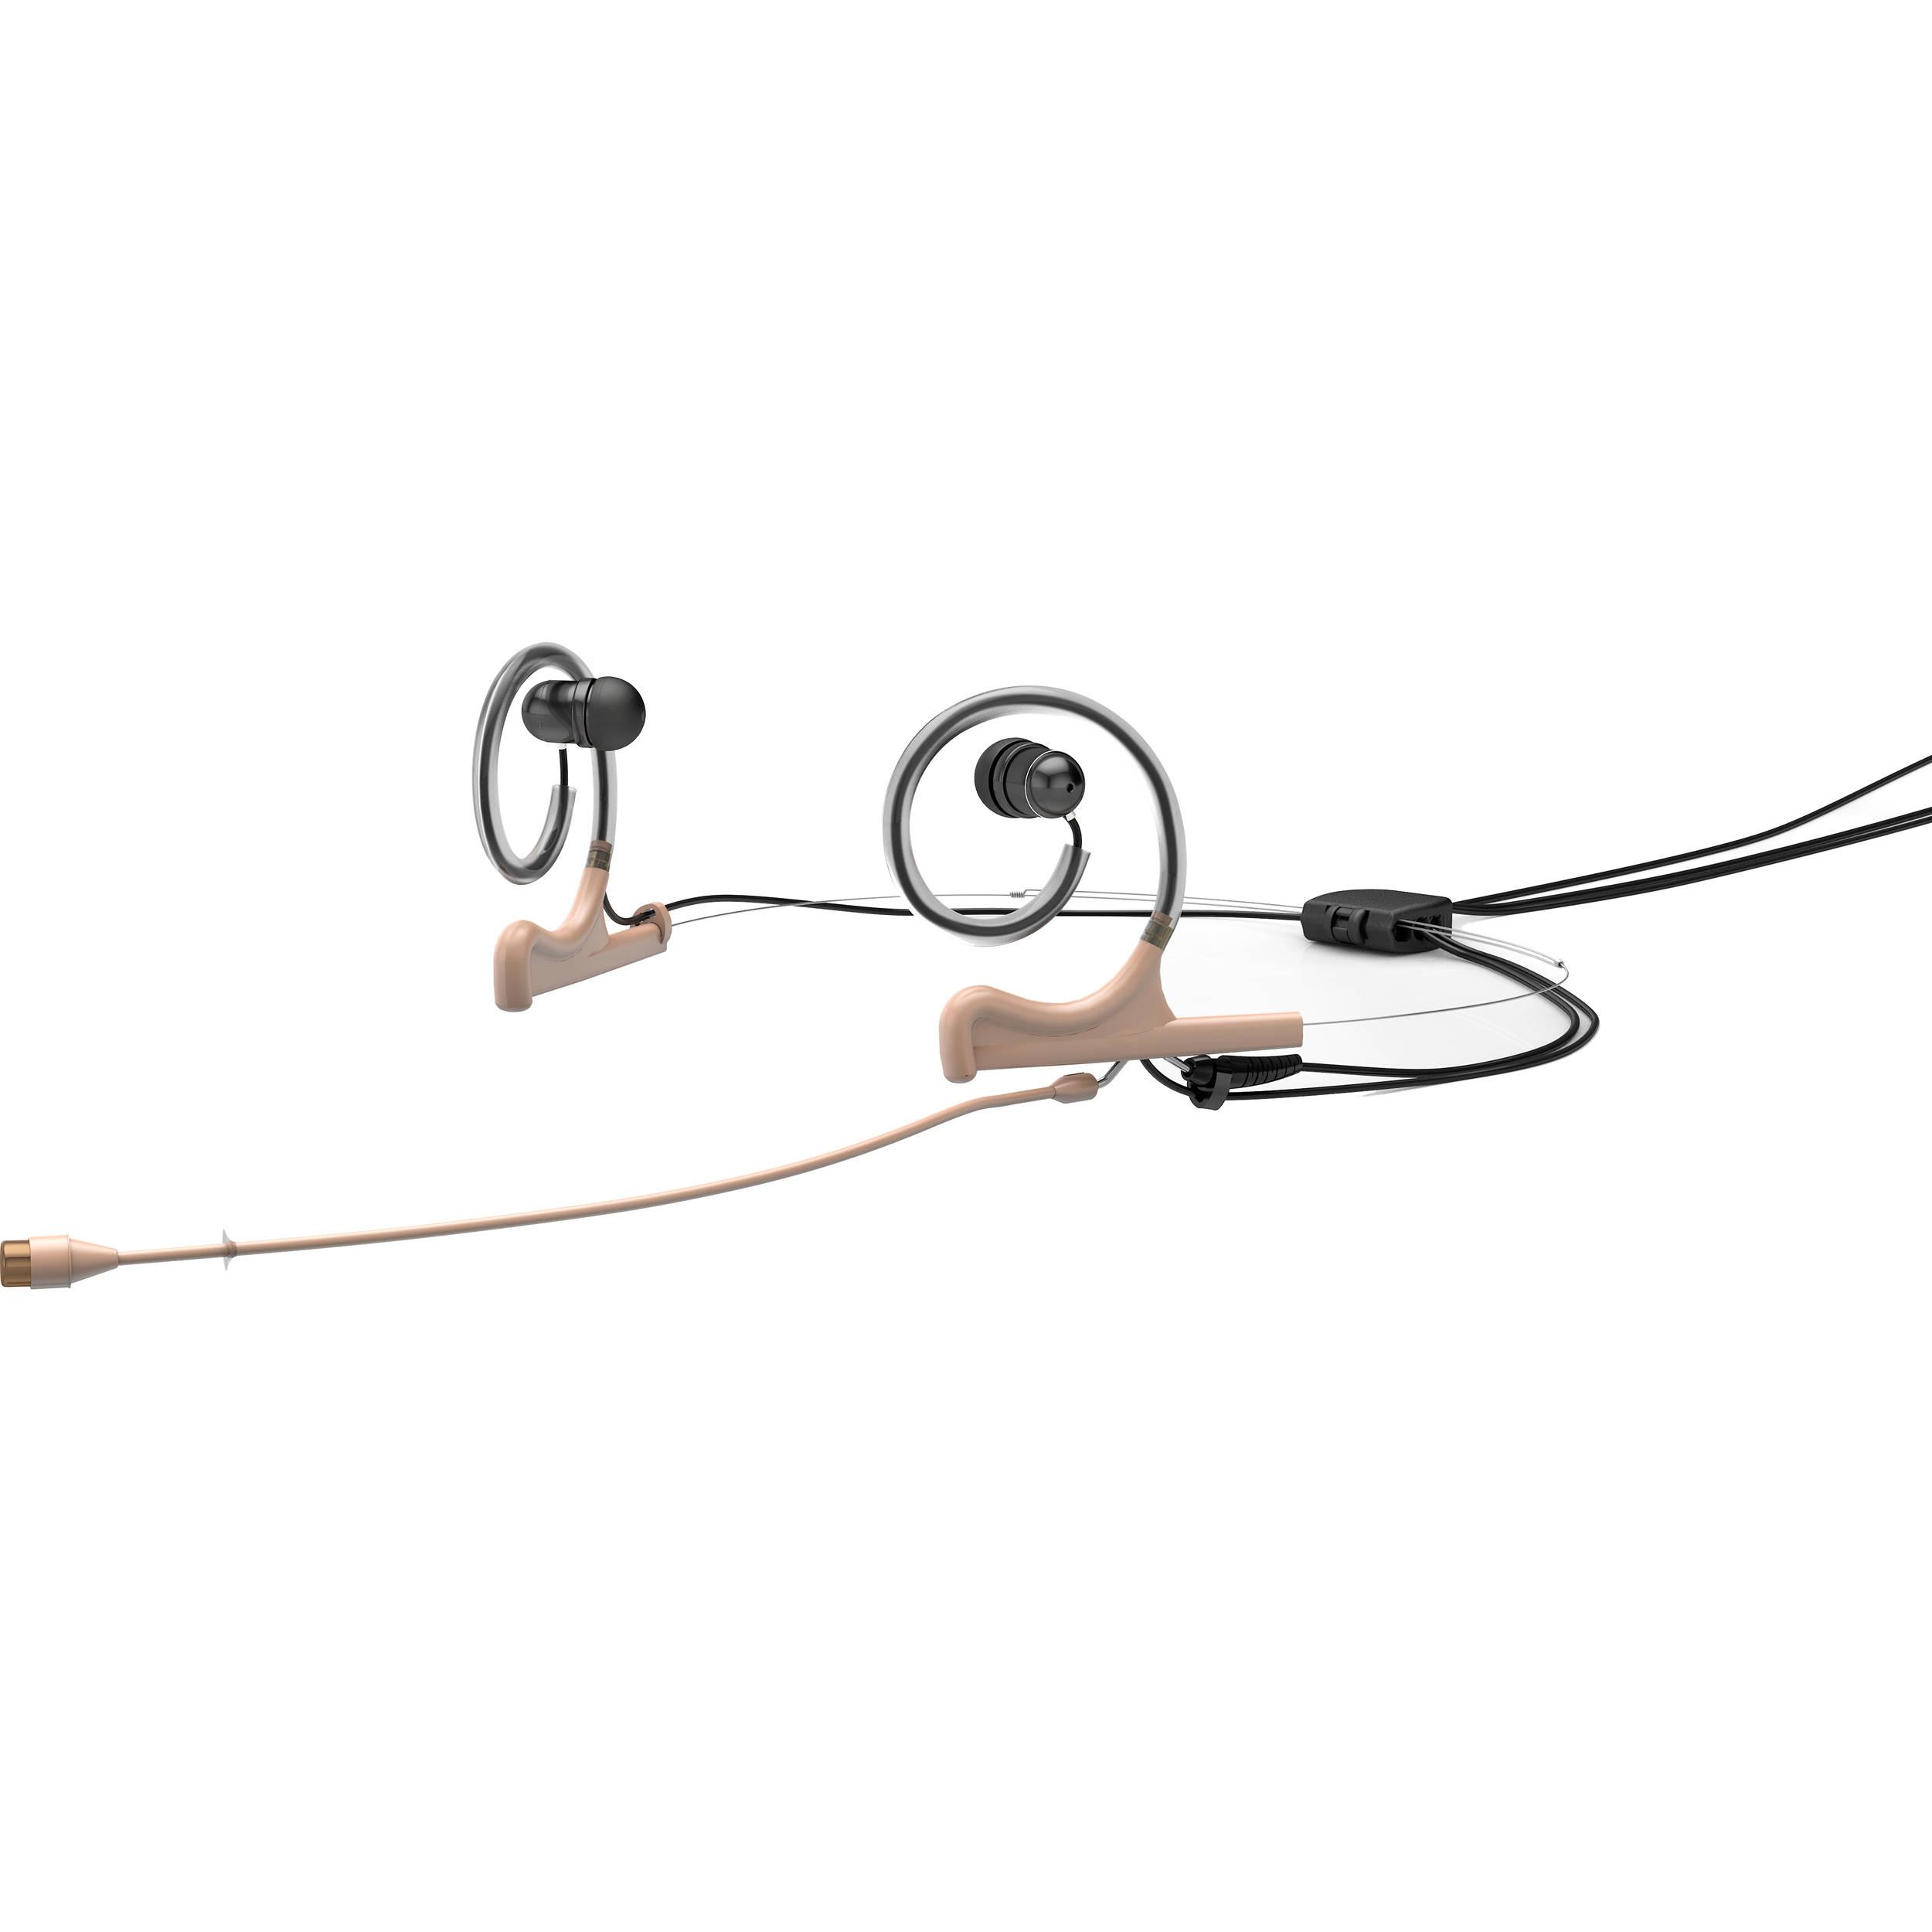 Dpa Microphones D Fine Omni In Ear Fio66f00 2 Ie2 B B Amp H